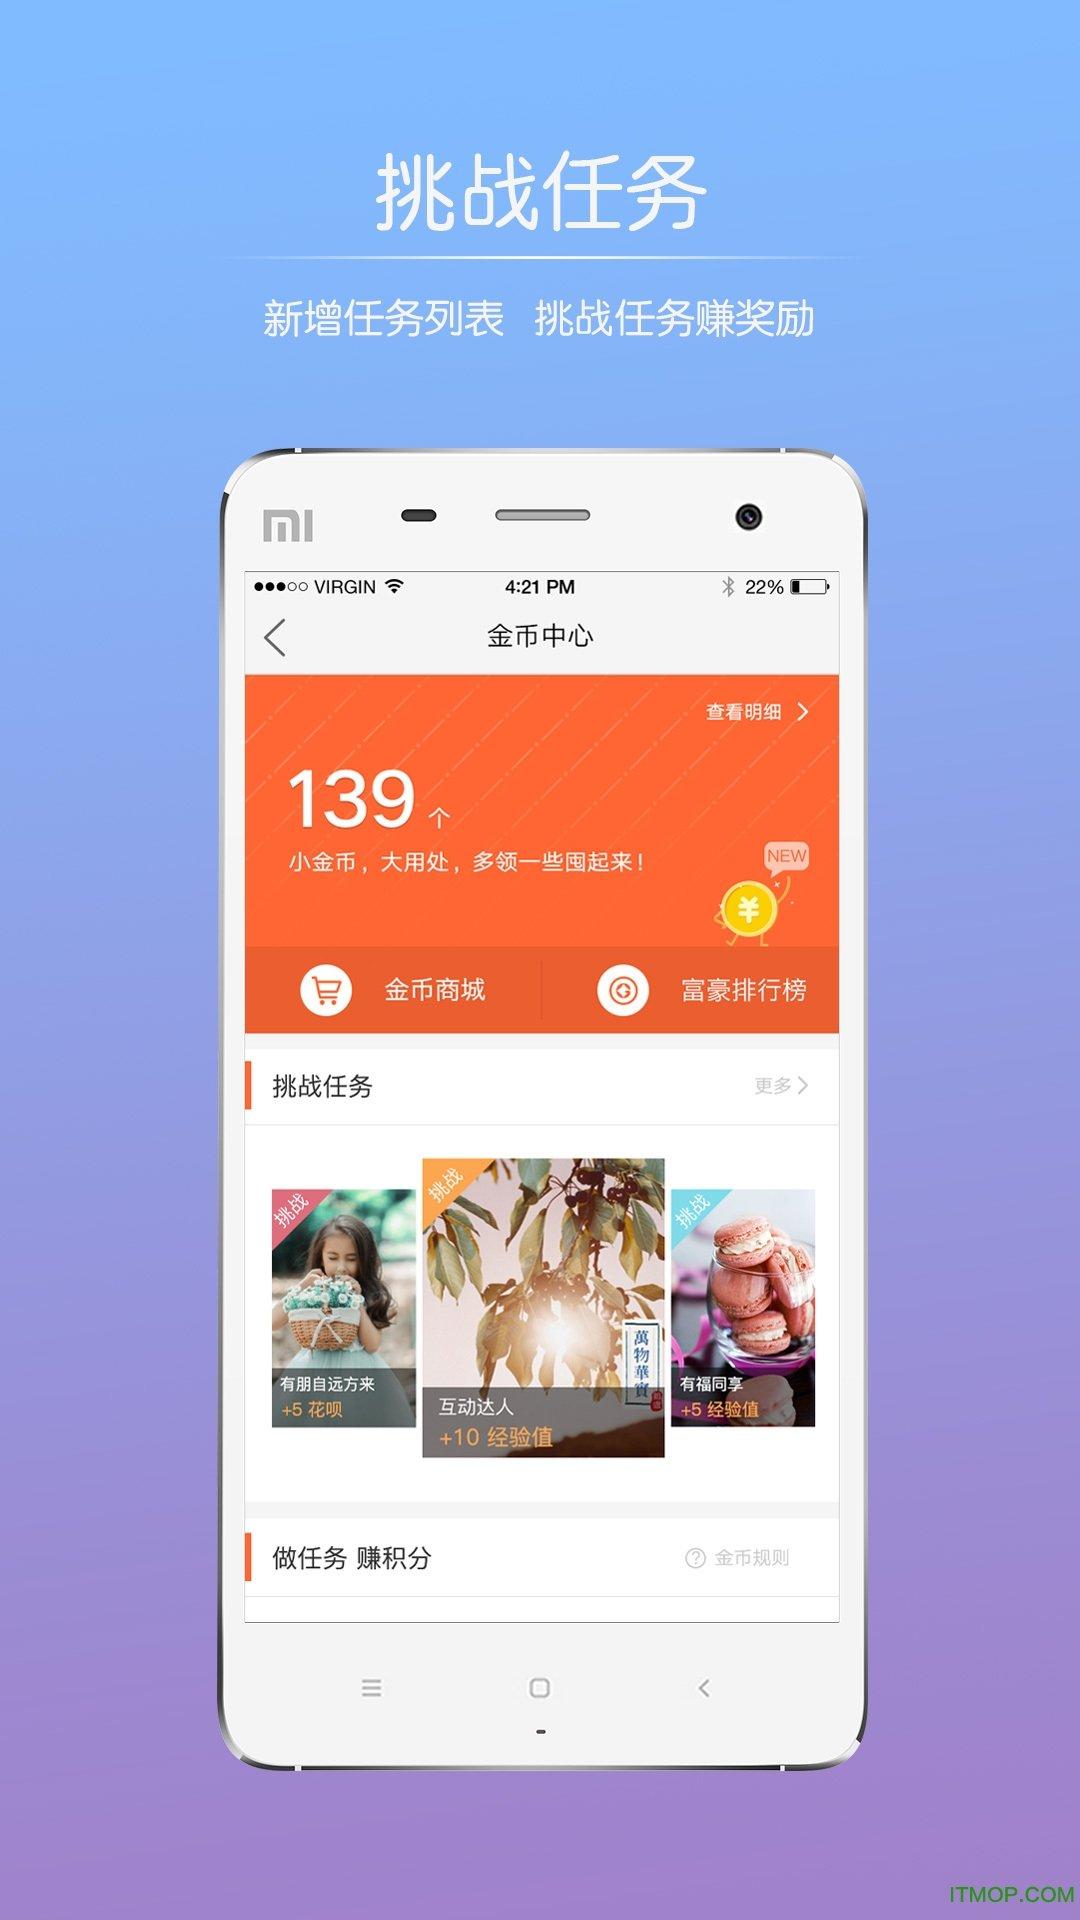 汉丰湖畔app v2.1.0 安卓版0